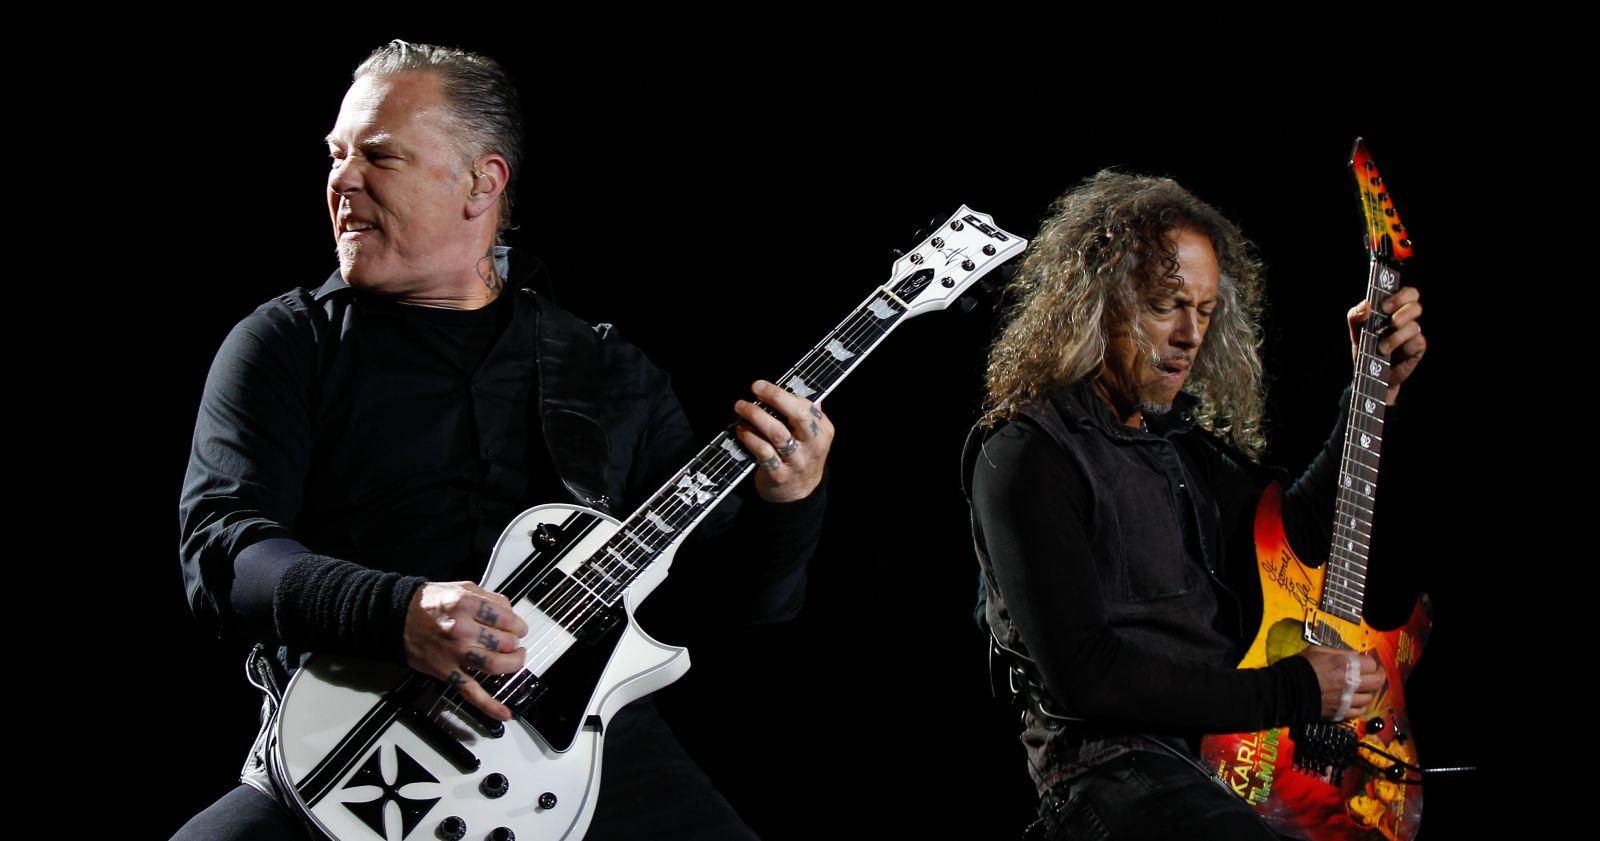 Metallica postergó su concierto en Chile hasta nuevo aviso